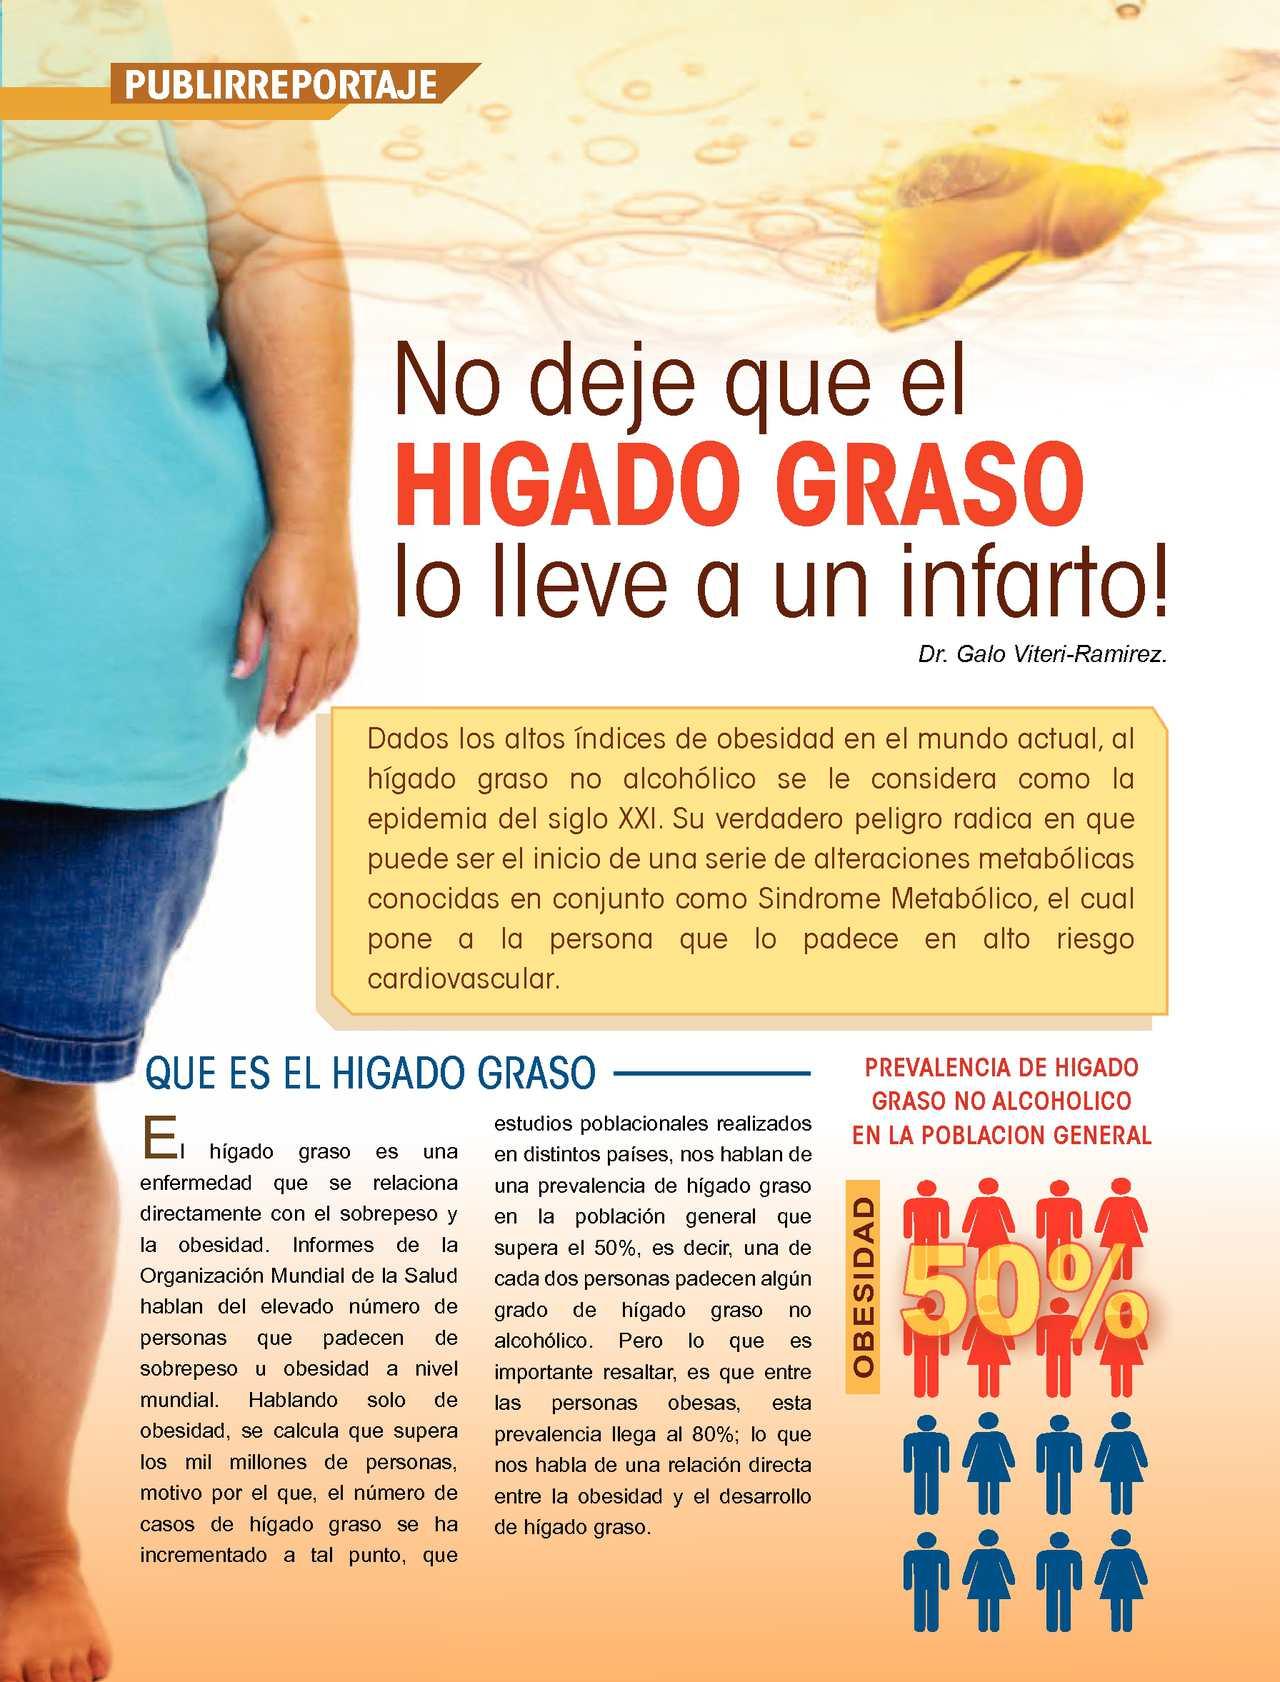 dieta diabetes del hígado graso